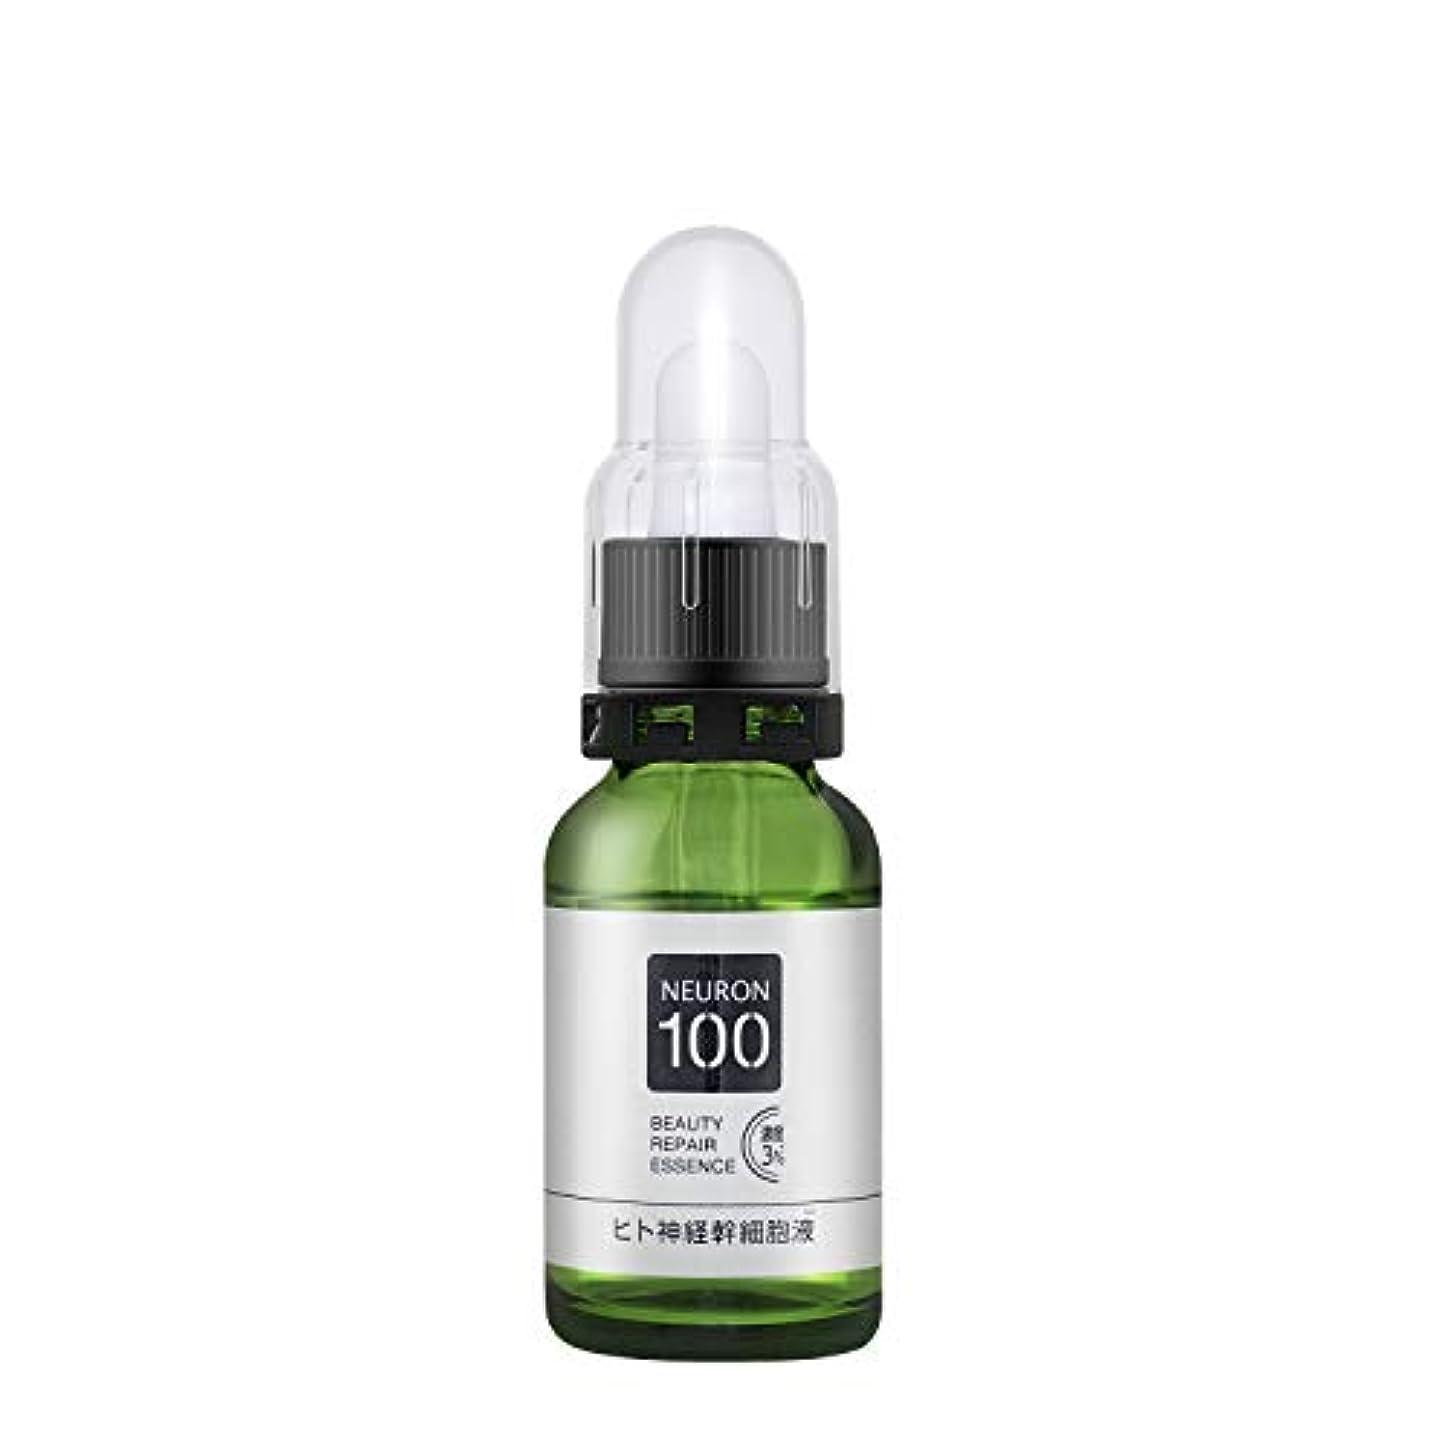 くマイル子孫H&CPRODUCTS ニューロン100 ヒト神経幹細胞ビューティーリペアエッセンス 濃度3% 美容液